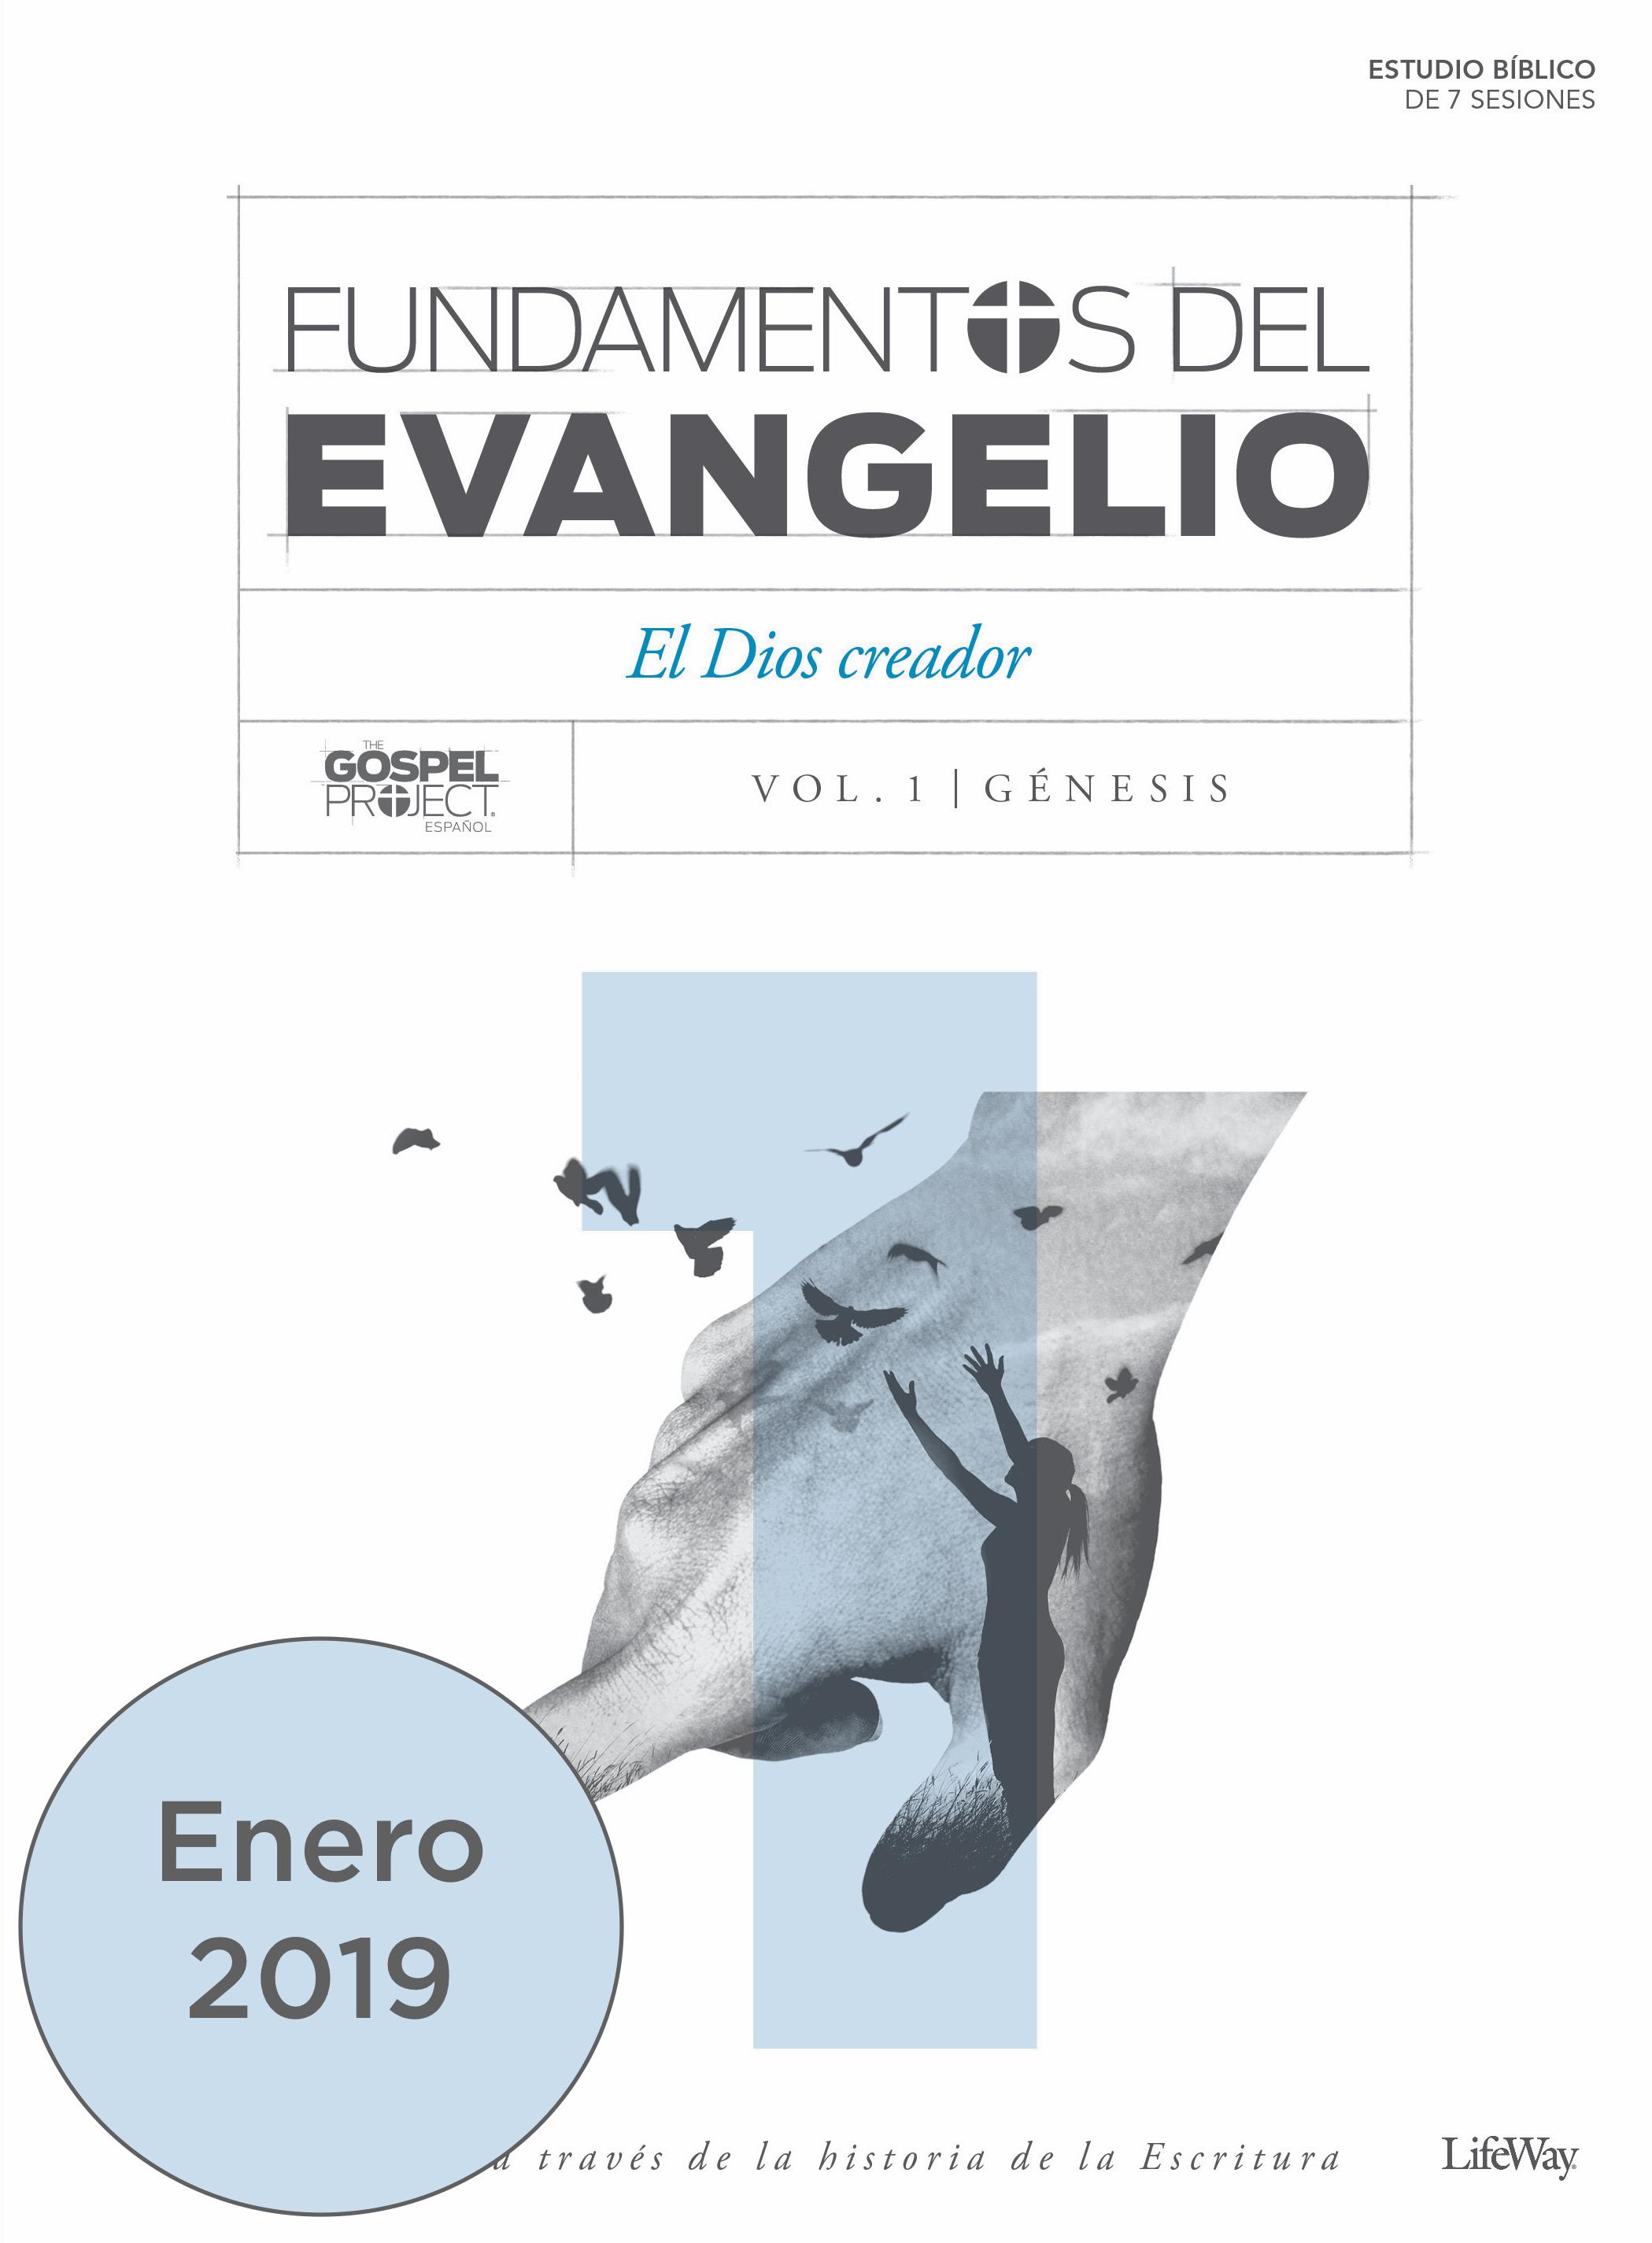 Volume 1: Fundamentos del Evangelio, Volumen 1 - El Dios que crea | Enero 2019